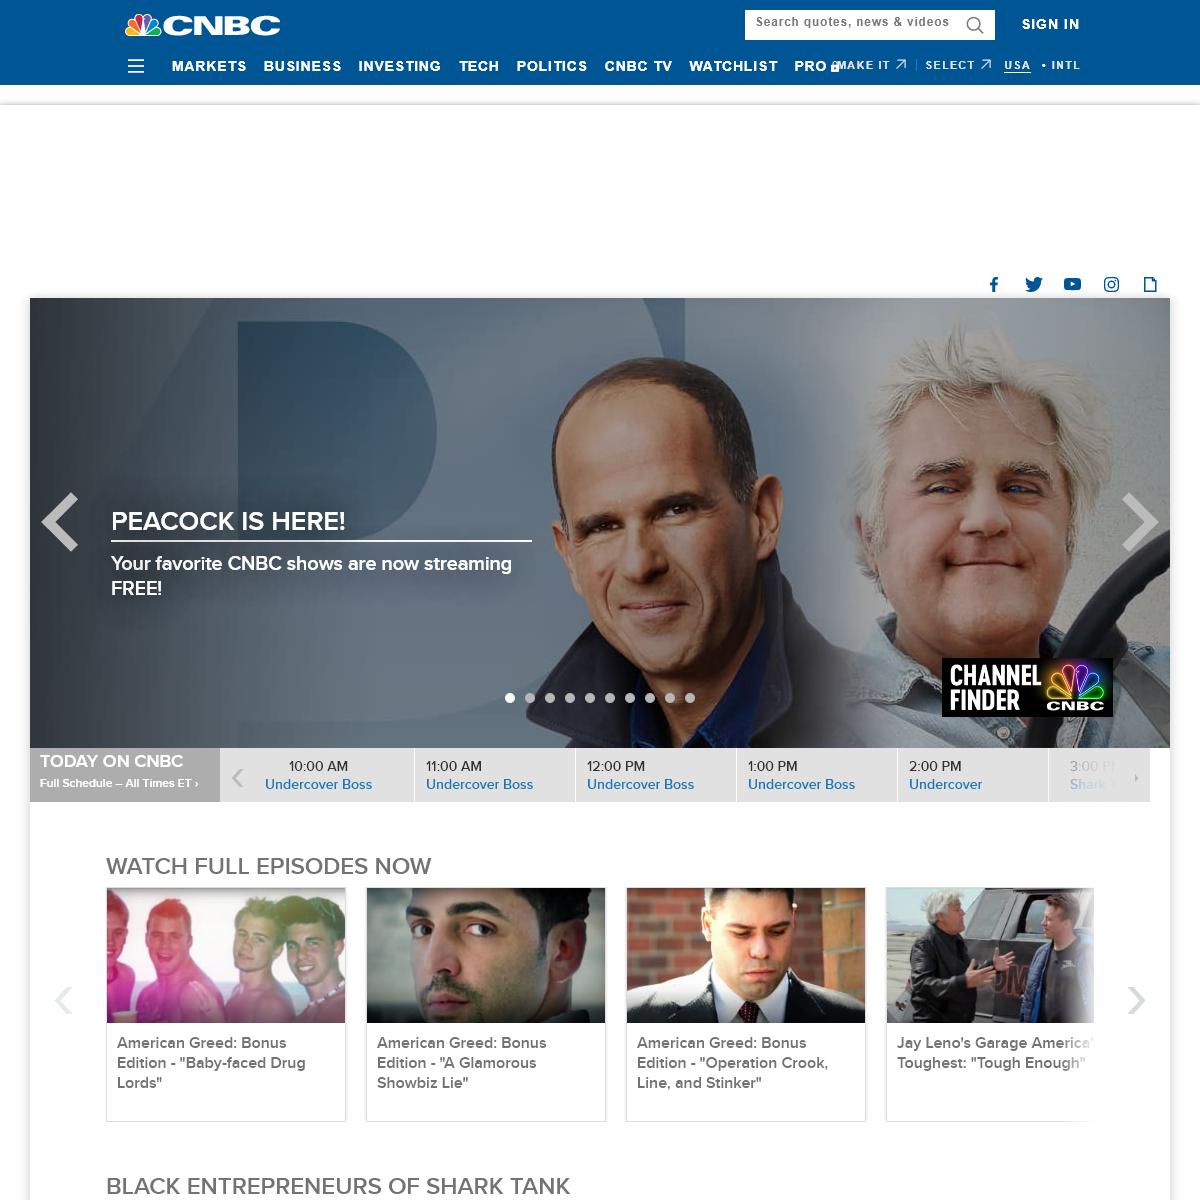 CNBC U.S. Primetime Entertainment Shows TV Official Site